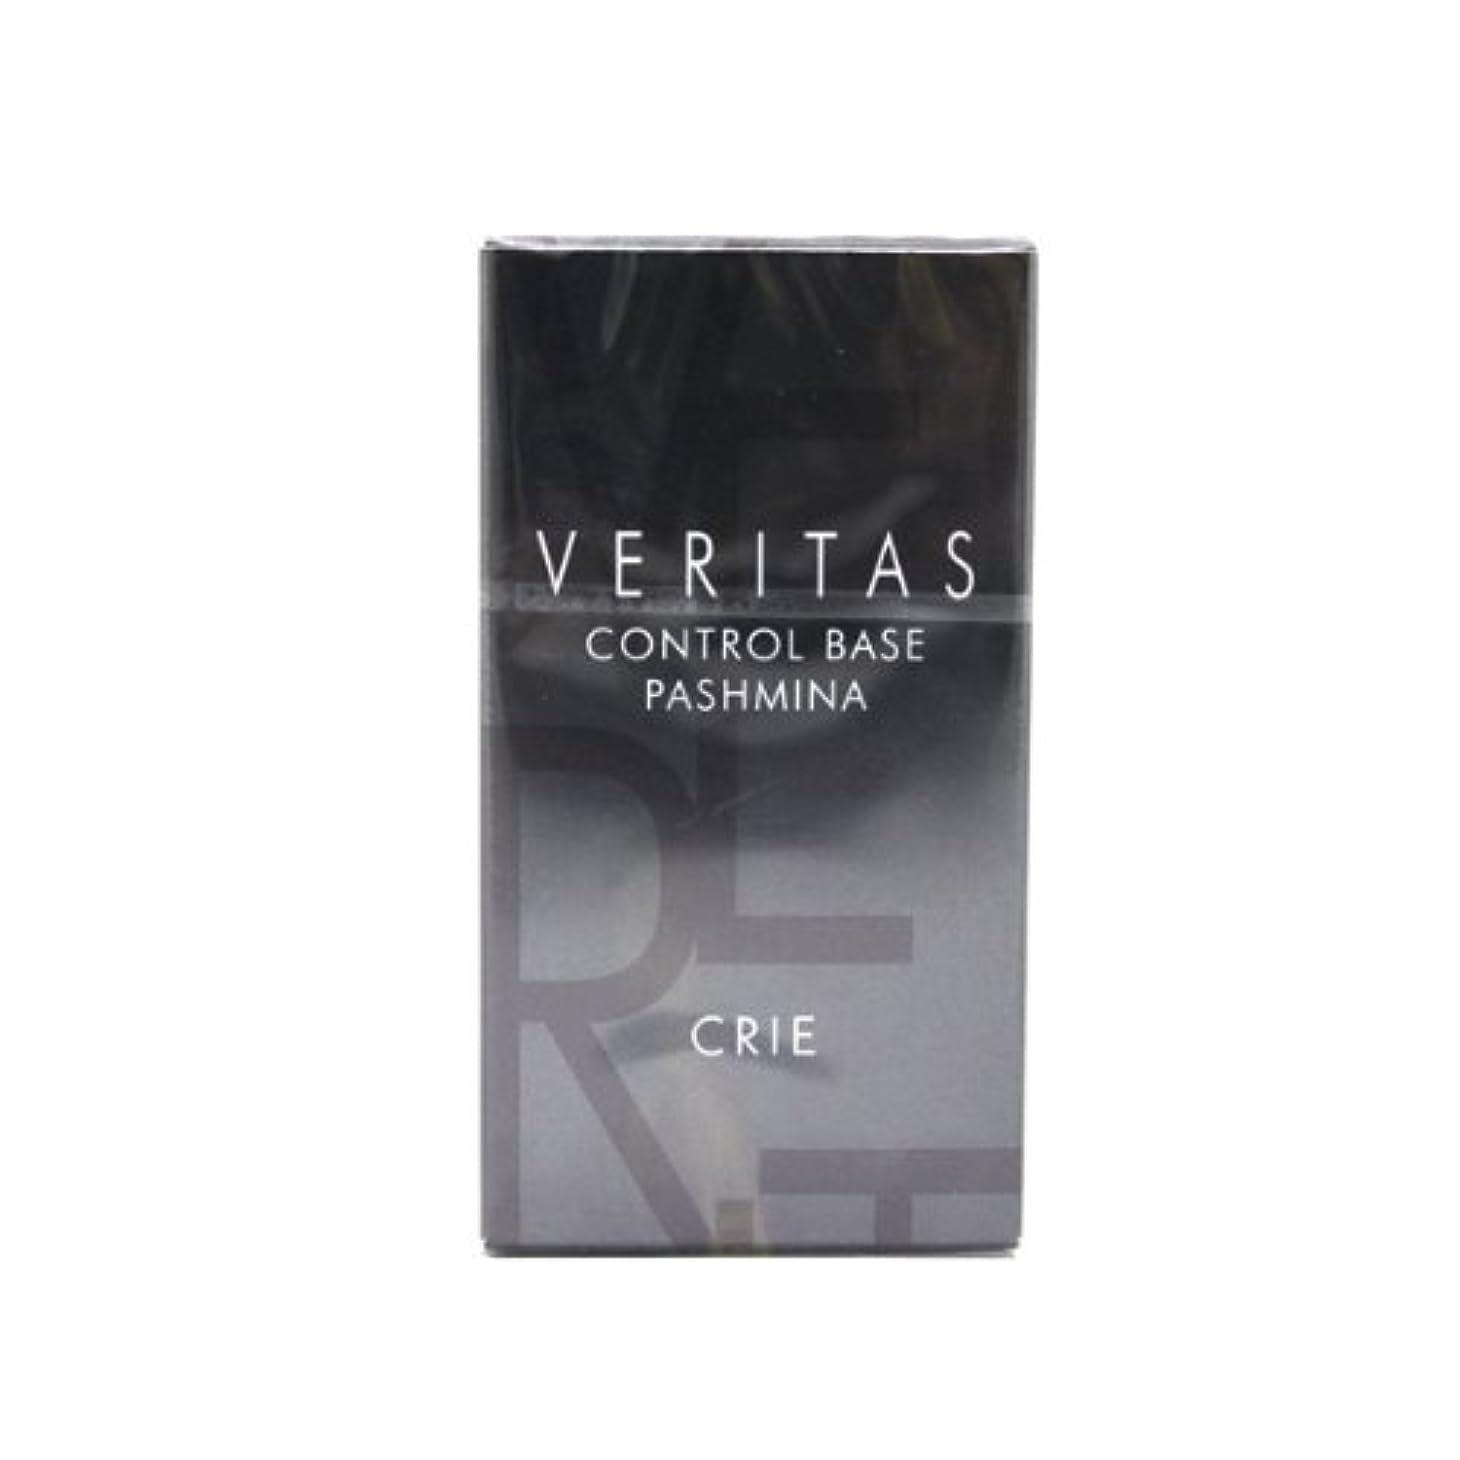 ドラフト信者王族CRIE(クリエ) ヴェリタス コントロールベース パシュミナ 051 オレンジ 30ml